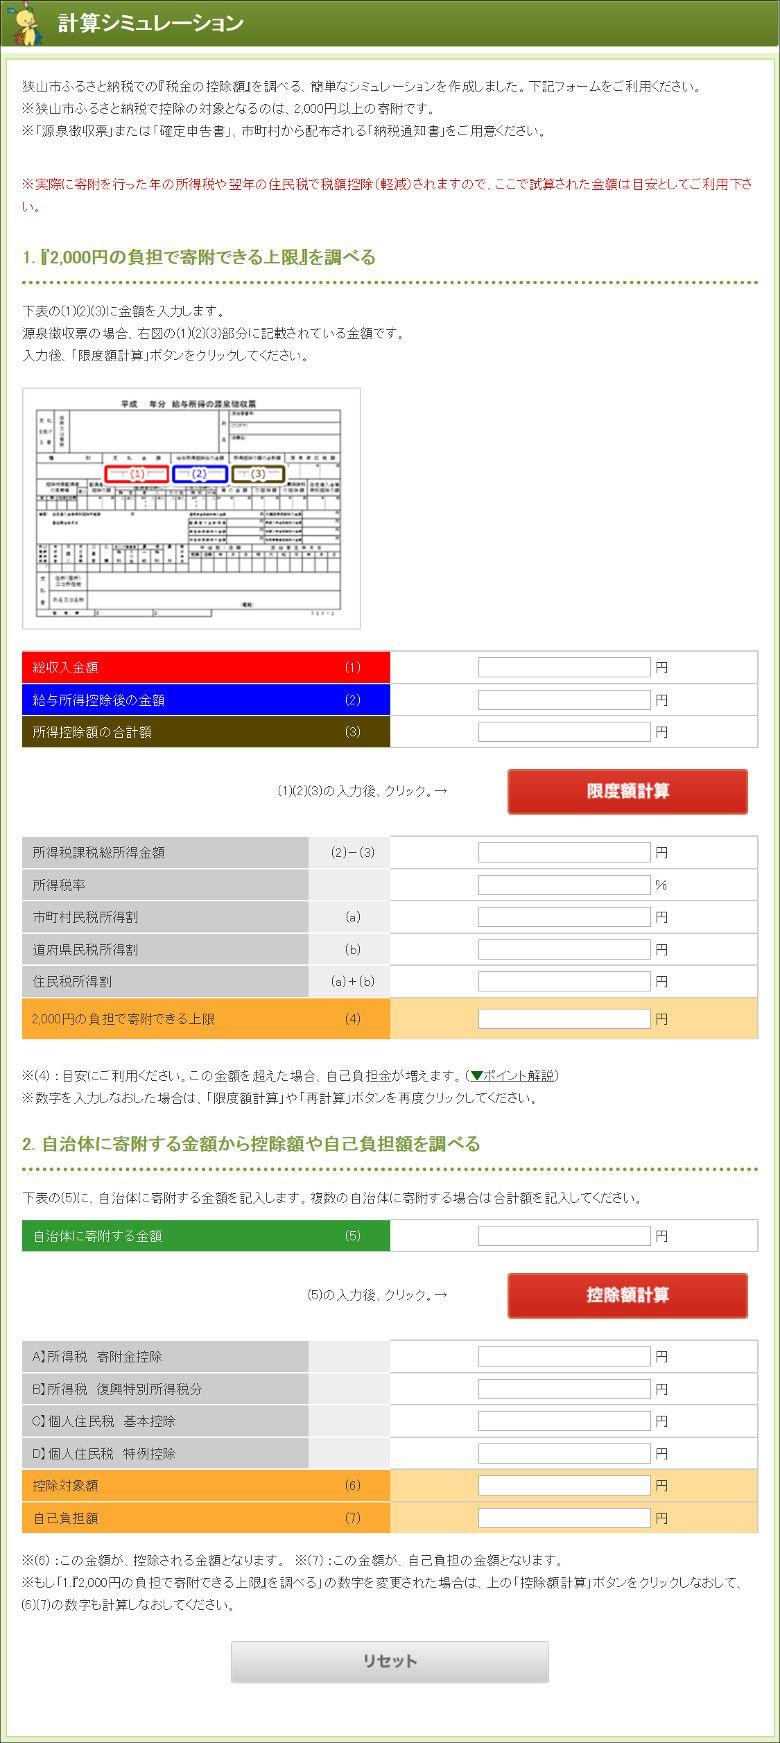 ふるさと納税2017 狭山市